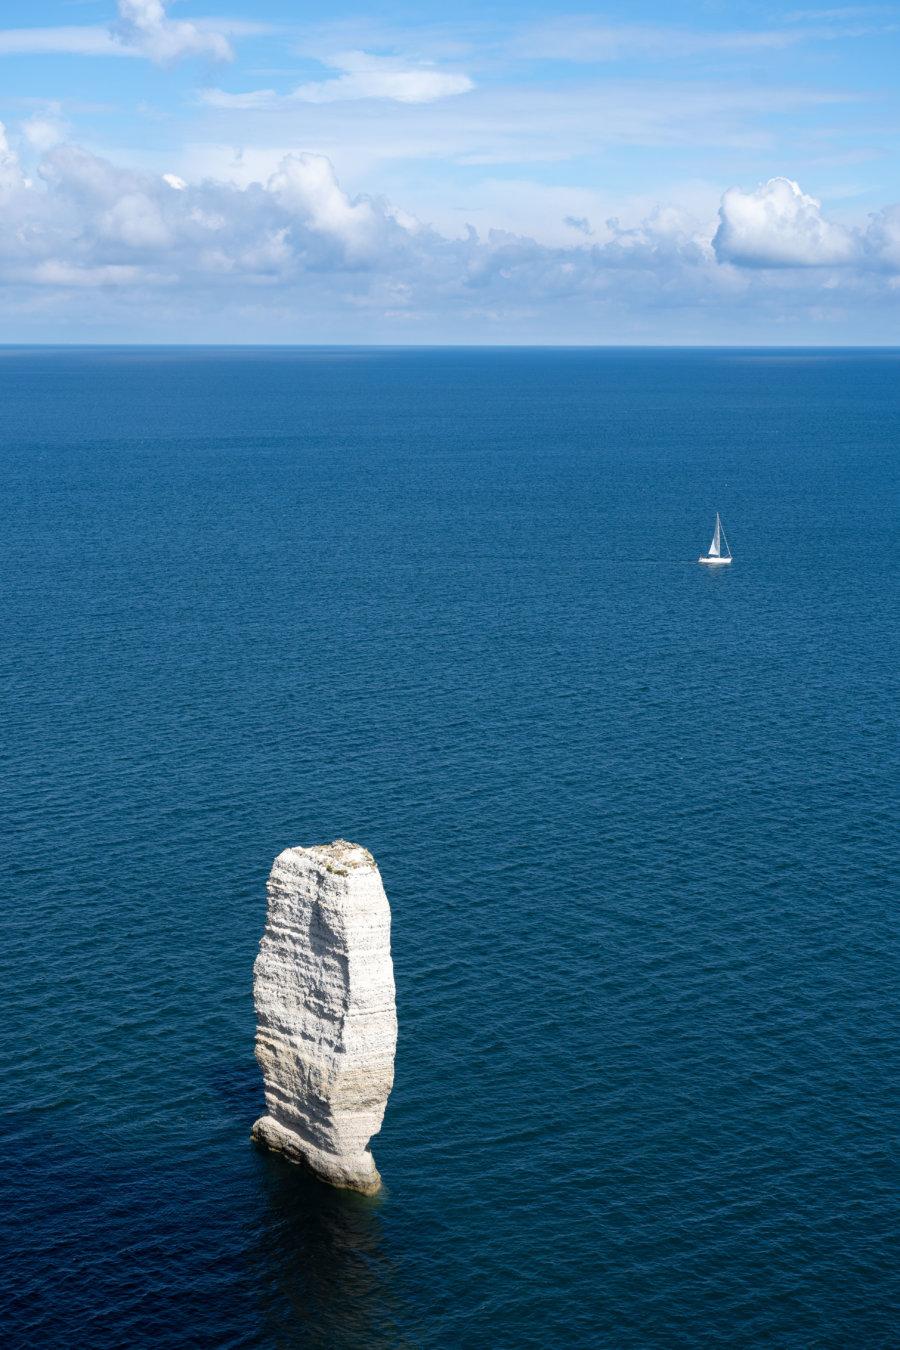 Sentier du littoral, randonnée en bord de mer à Etretat